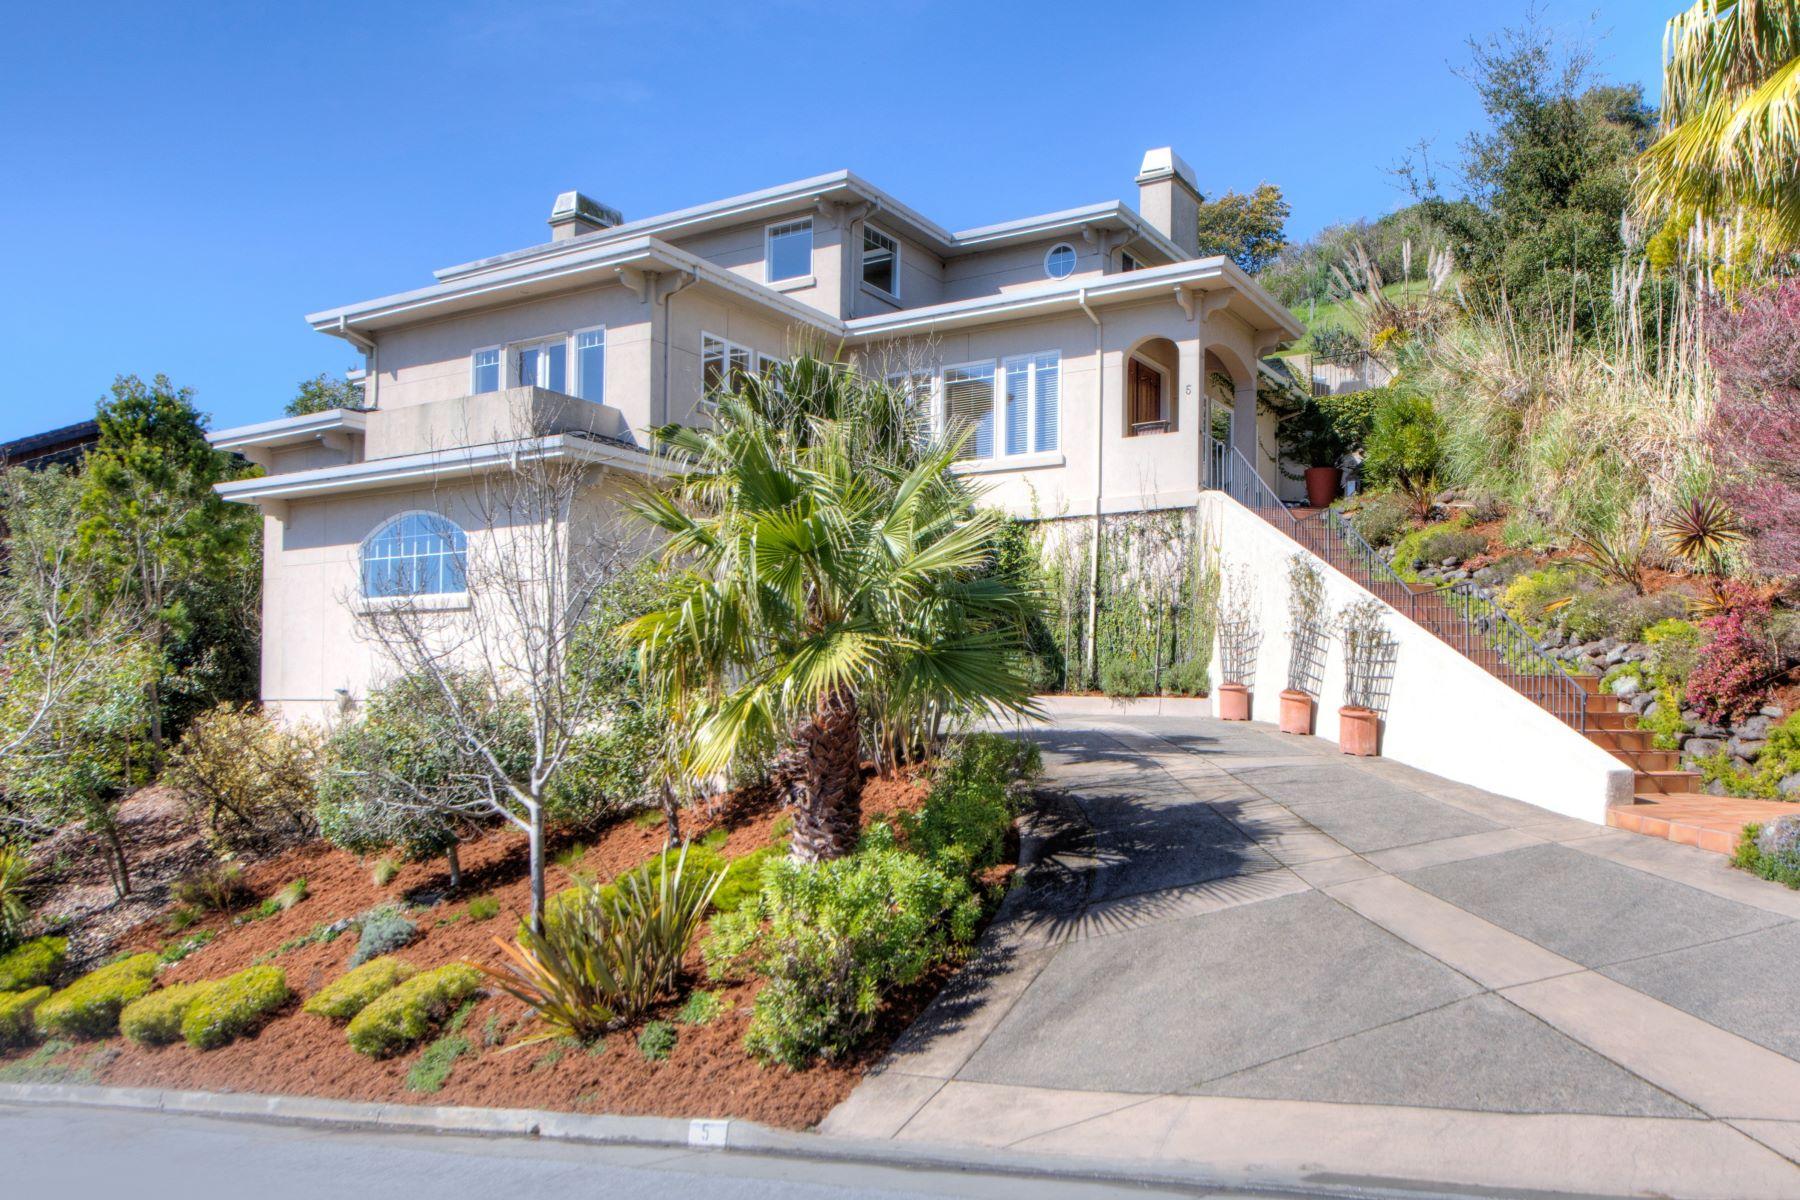 Частный односемейный дом для того Продажа на Perfection & Elegance in Mill Valley 5 Vista Real Mill Valley, Калифорния 94941 Соединенные Штаты